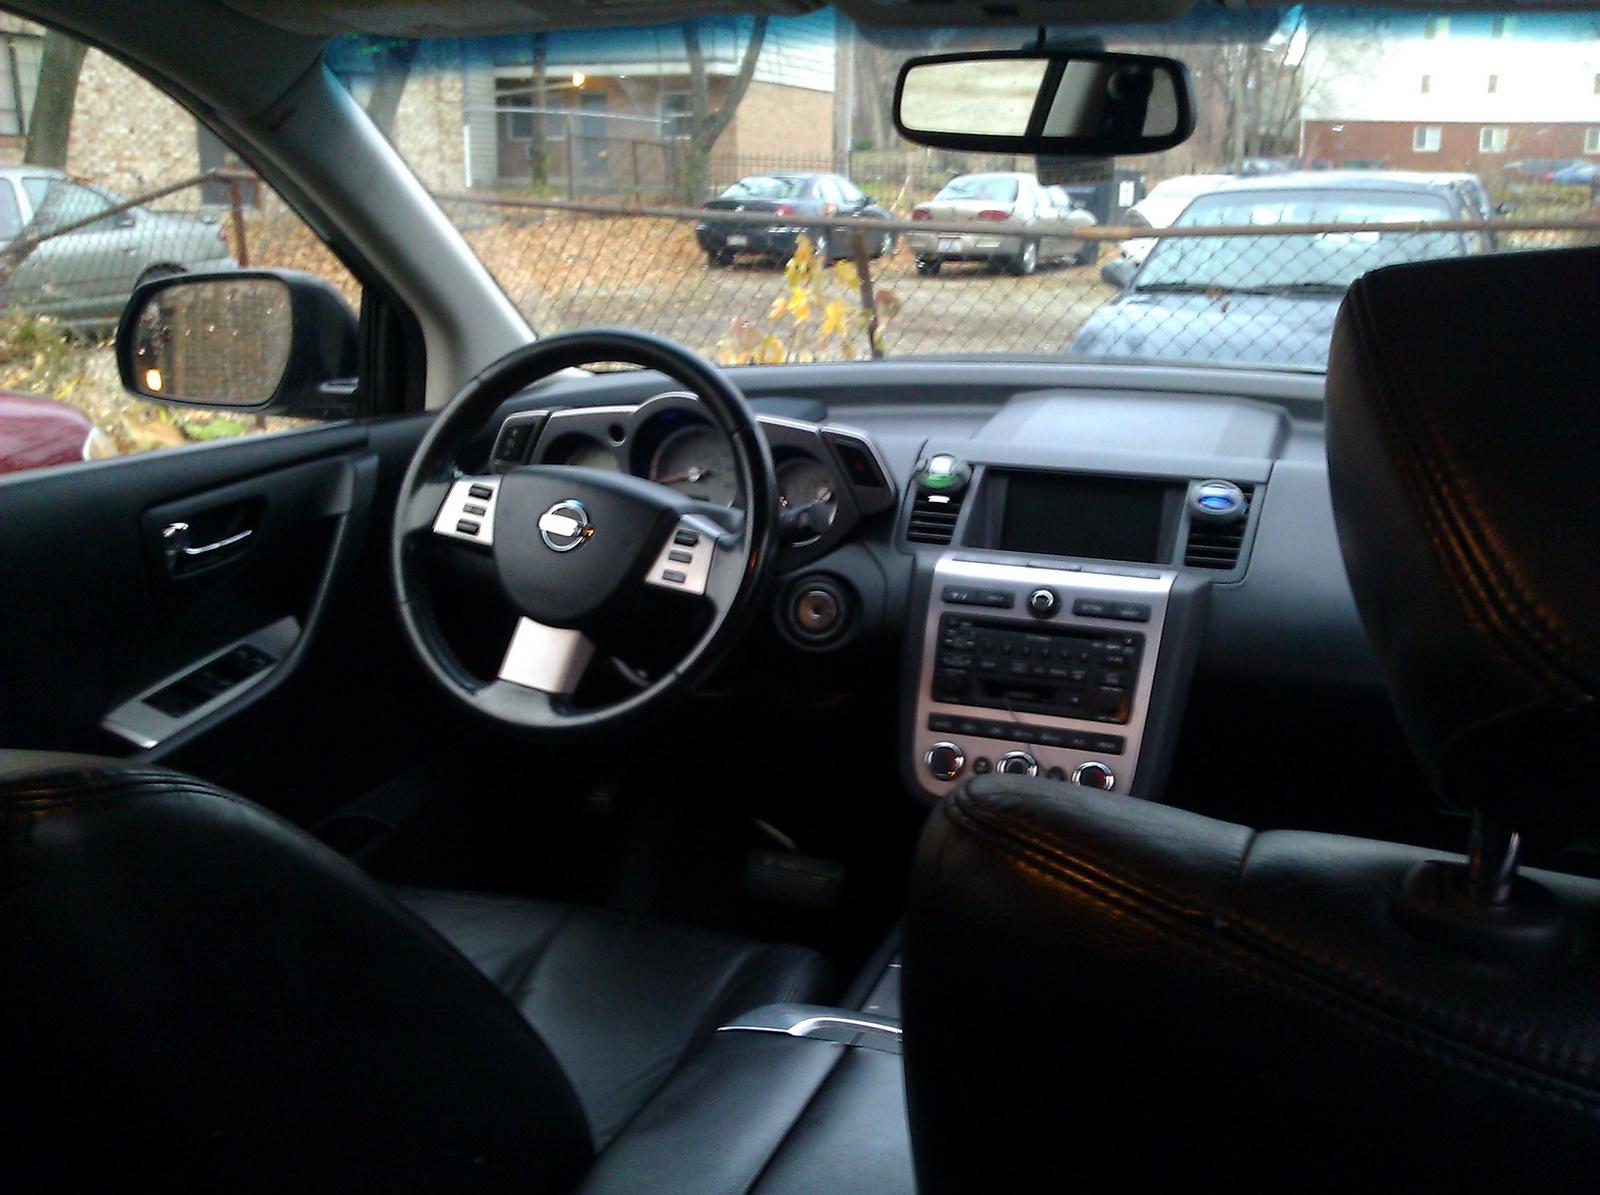 2006 Nissan Murano Interior Pictures Cargurus